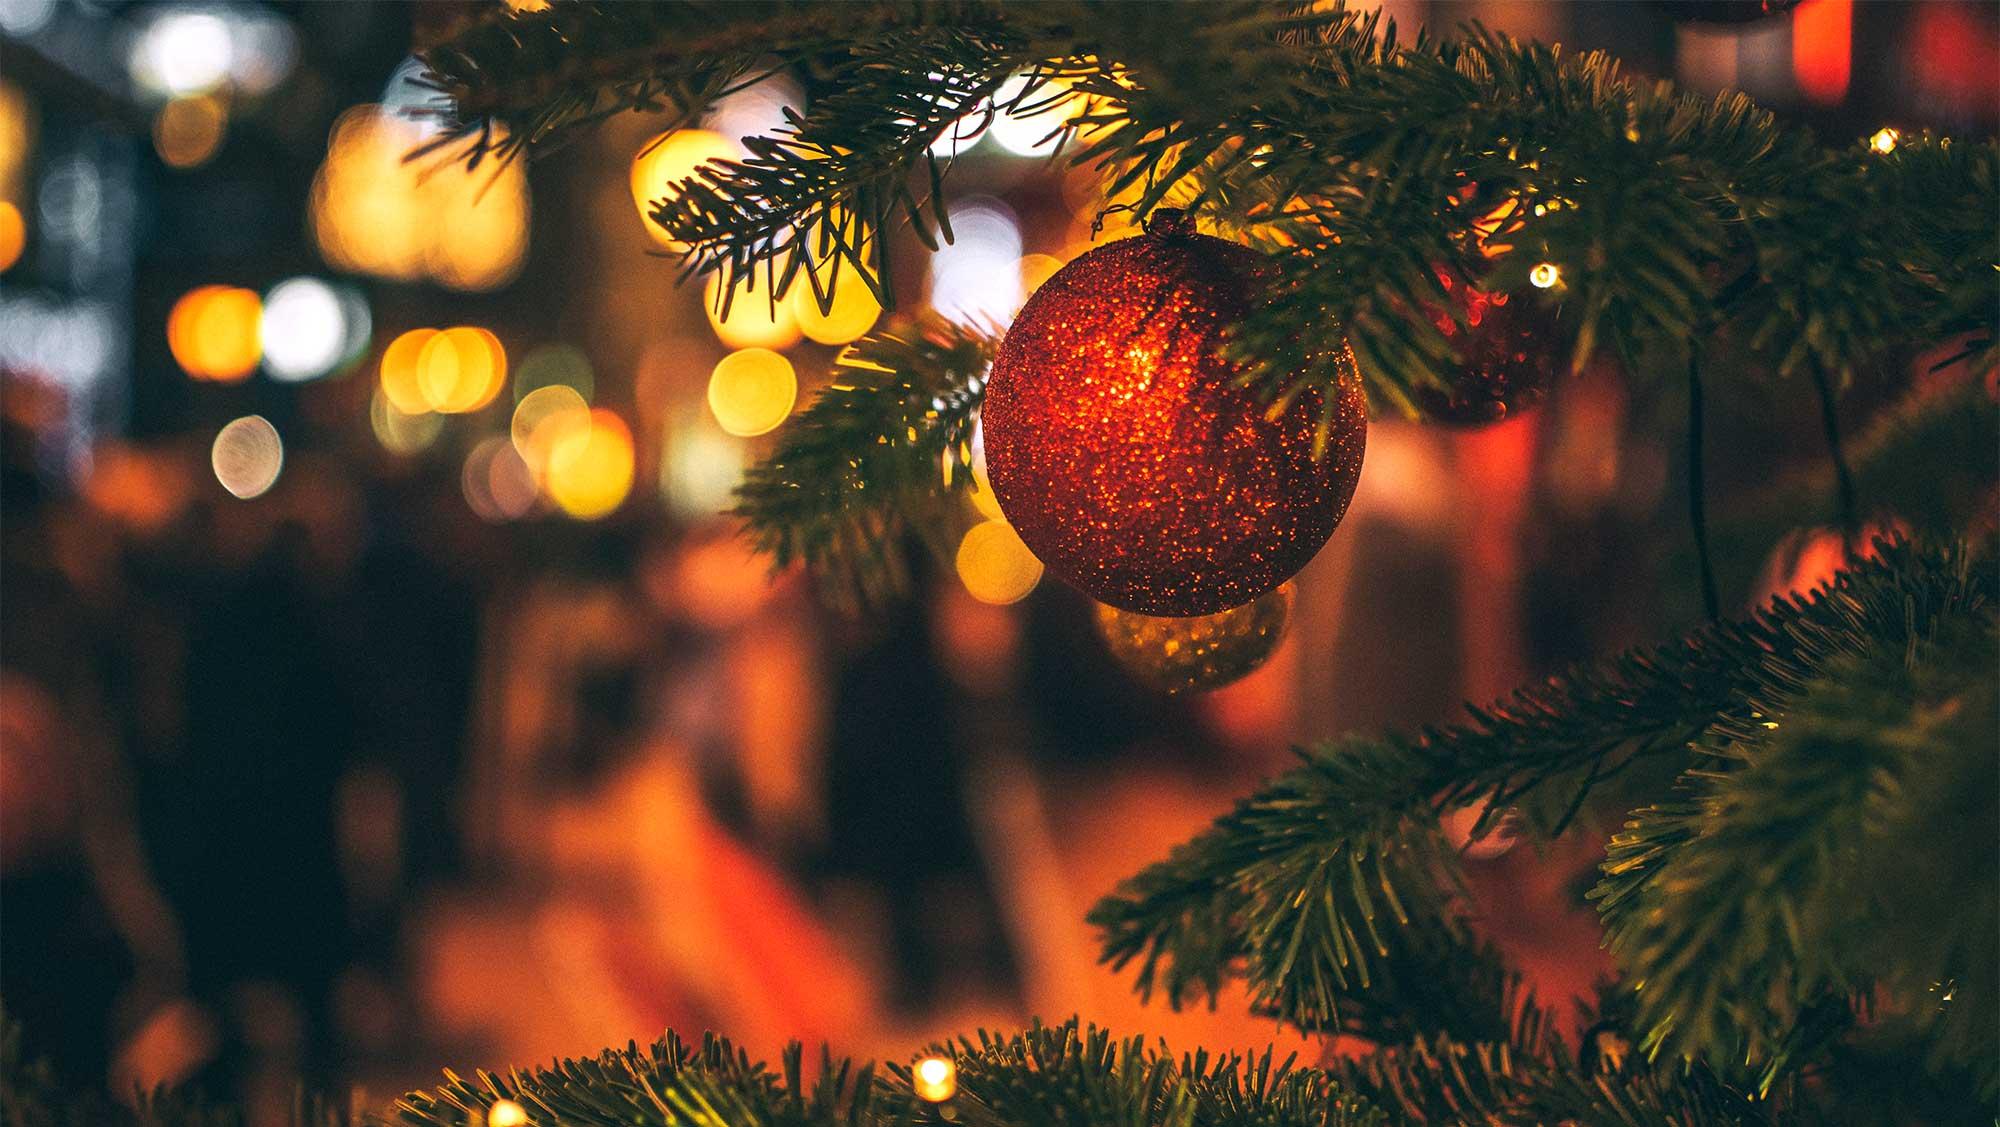 Bij kerst hoort een boom 02